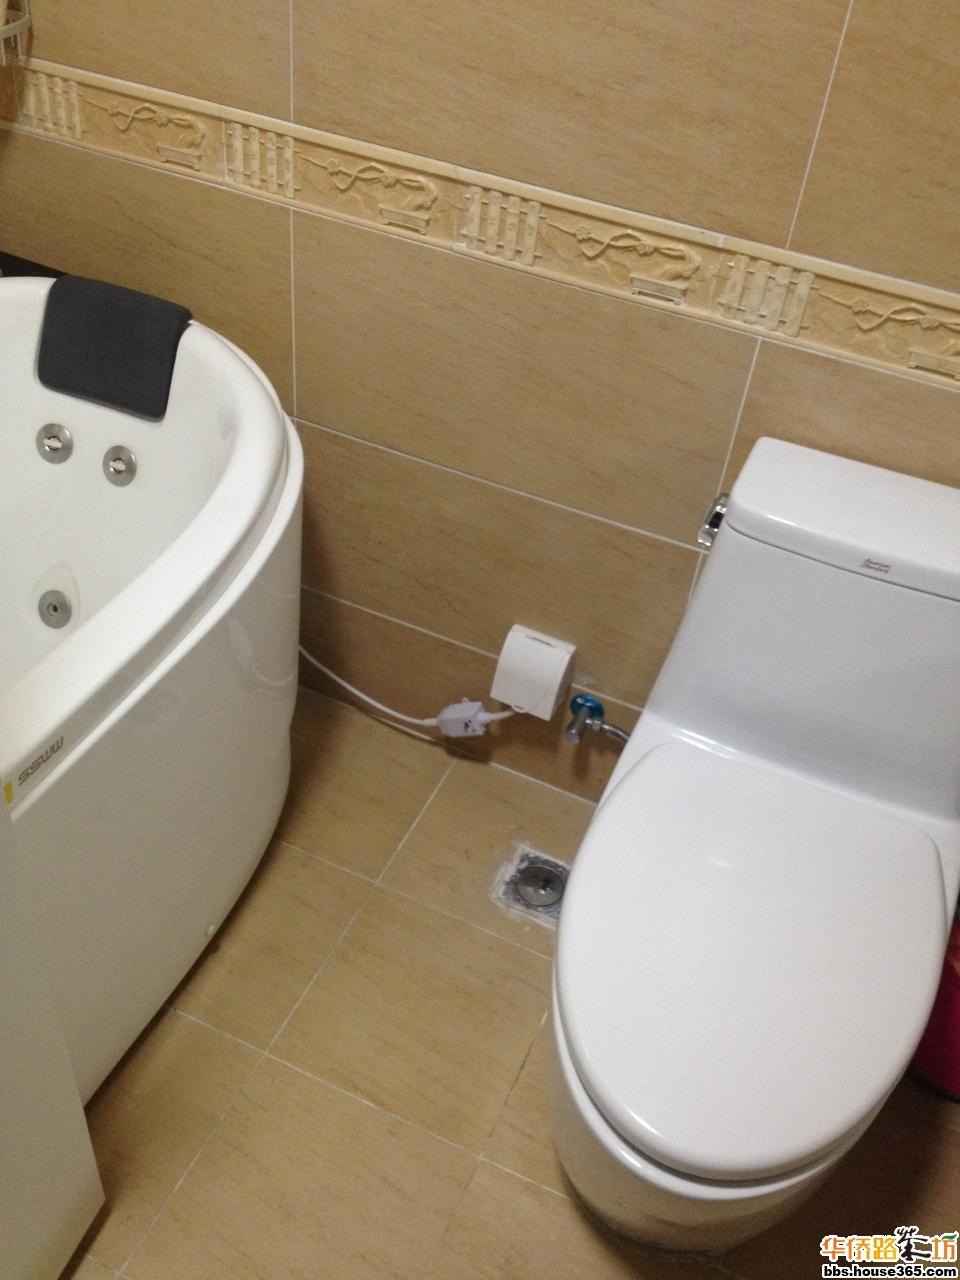 2013-01-01 18:24:20 7楼 这个卫生间,地漏换过,马桶也重装过,台盆的图片